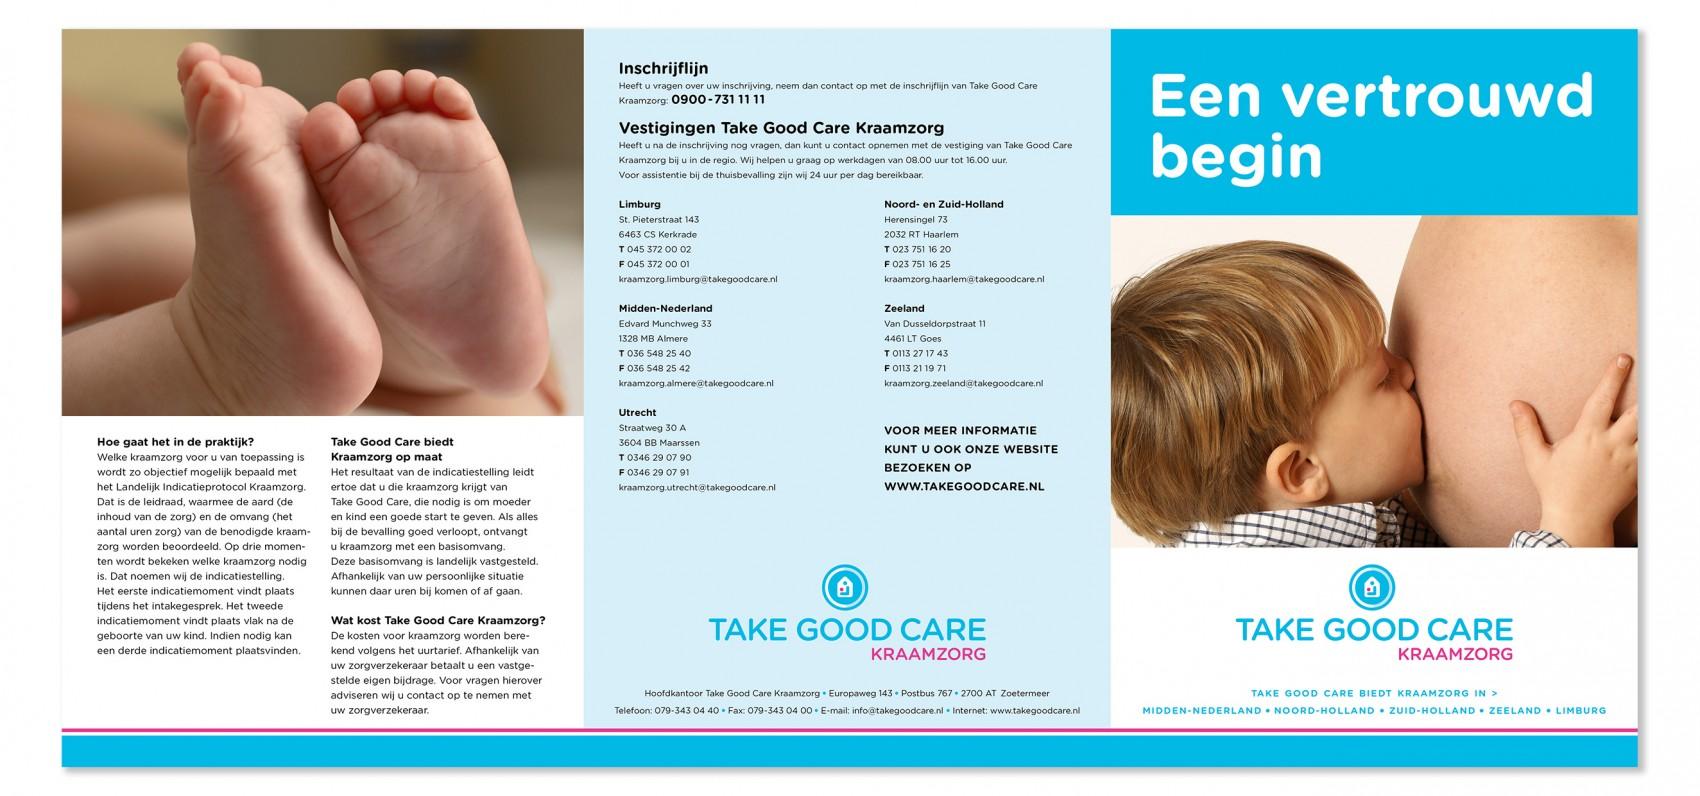 STN Drieluik-folder-Take-Good-Care